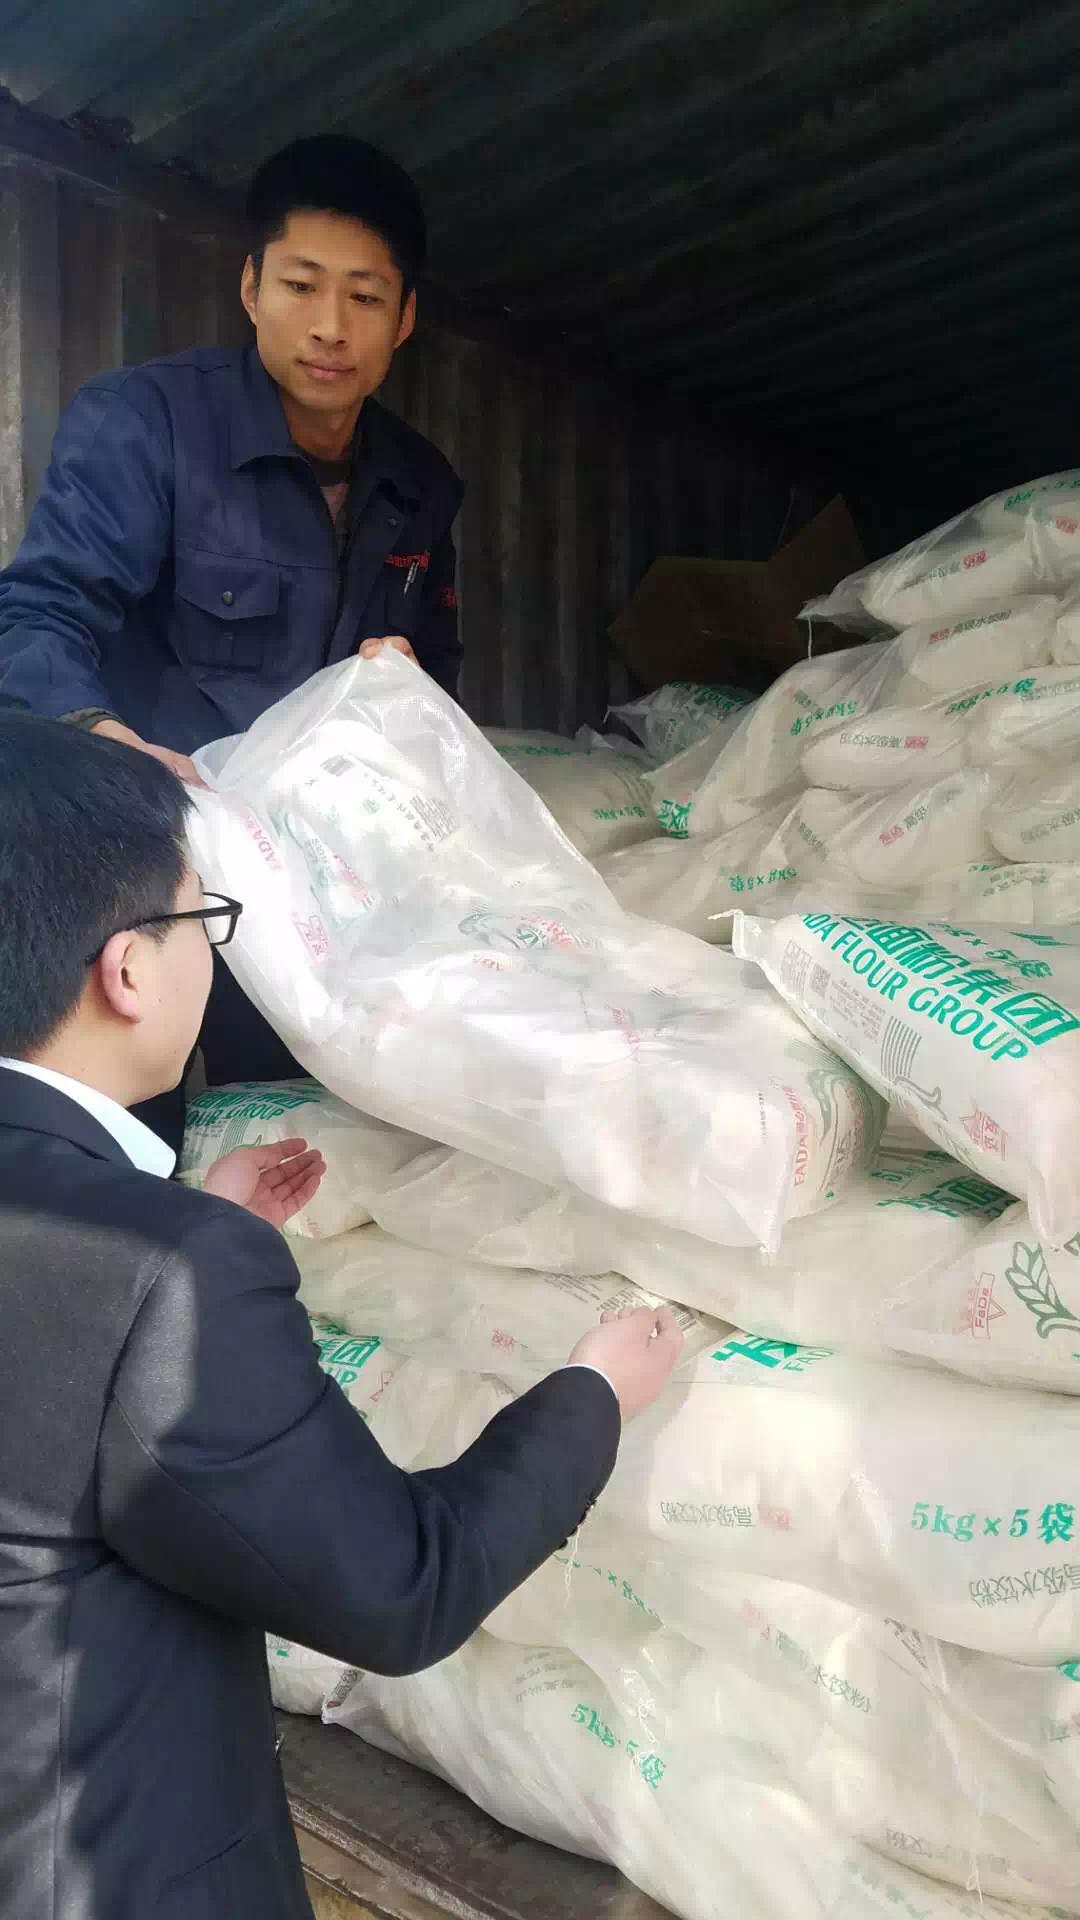 免费饺子粉又来了!瀚泰迎春福利第三波疯狂来袭!